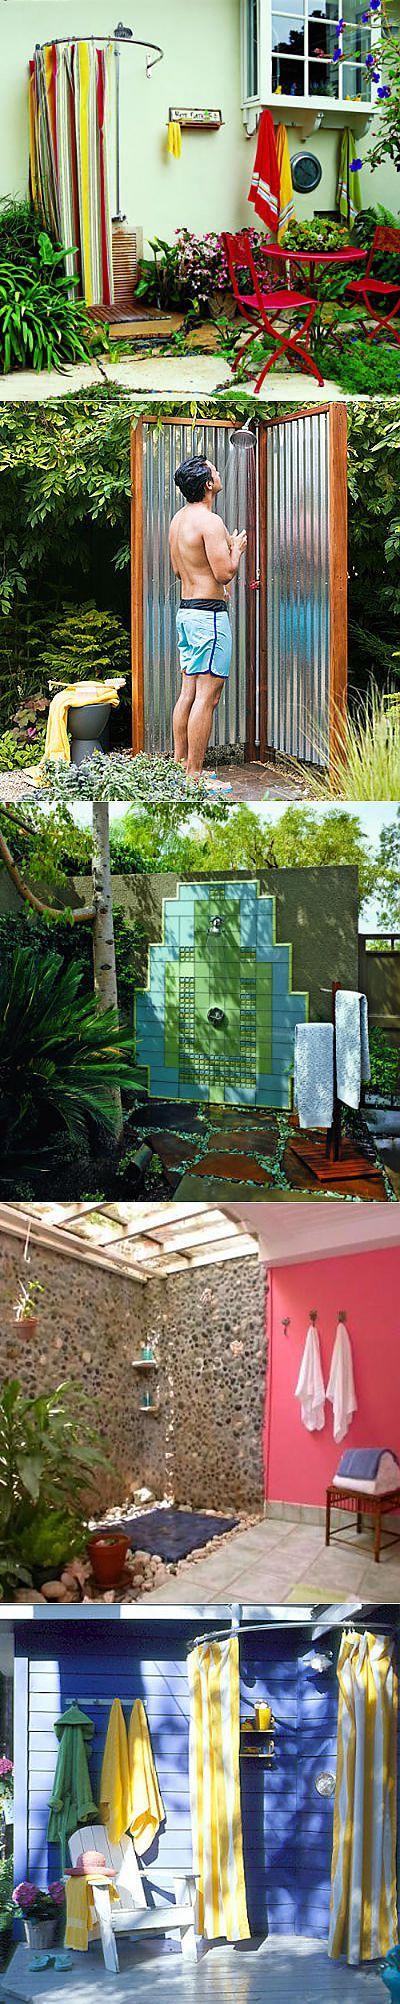 Летний душ в саду | Наш уютный дом